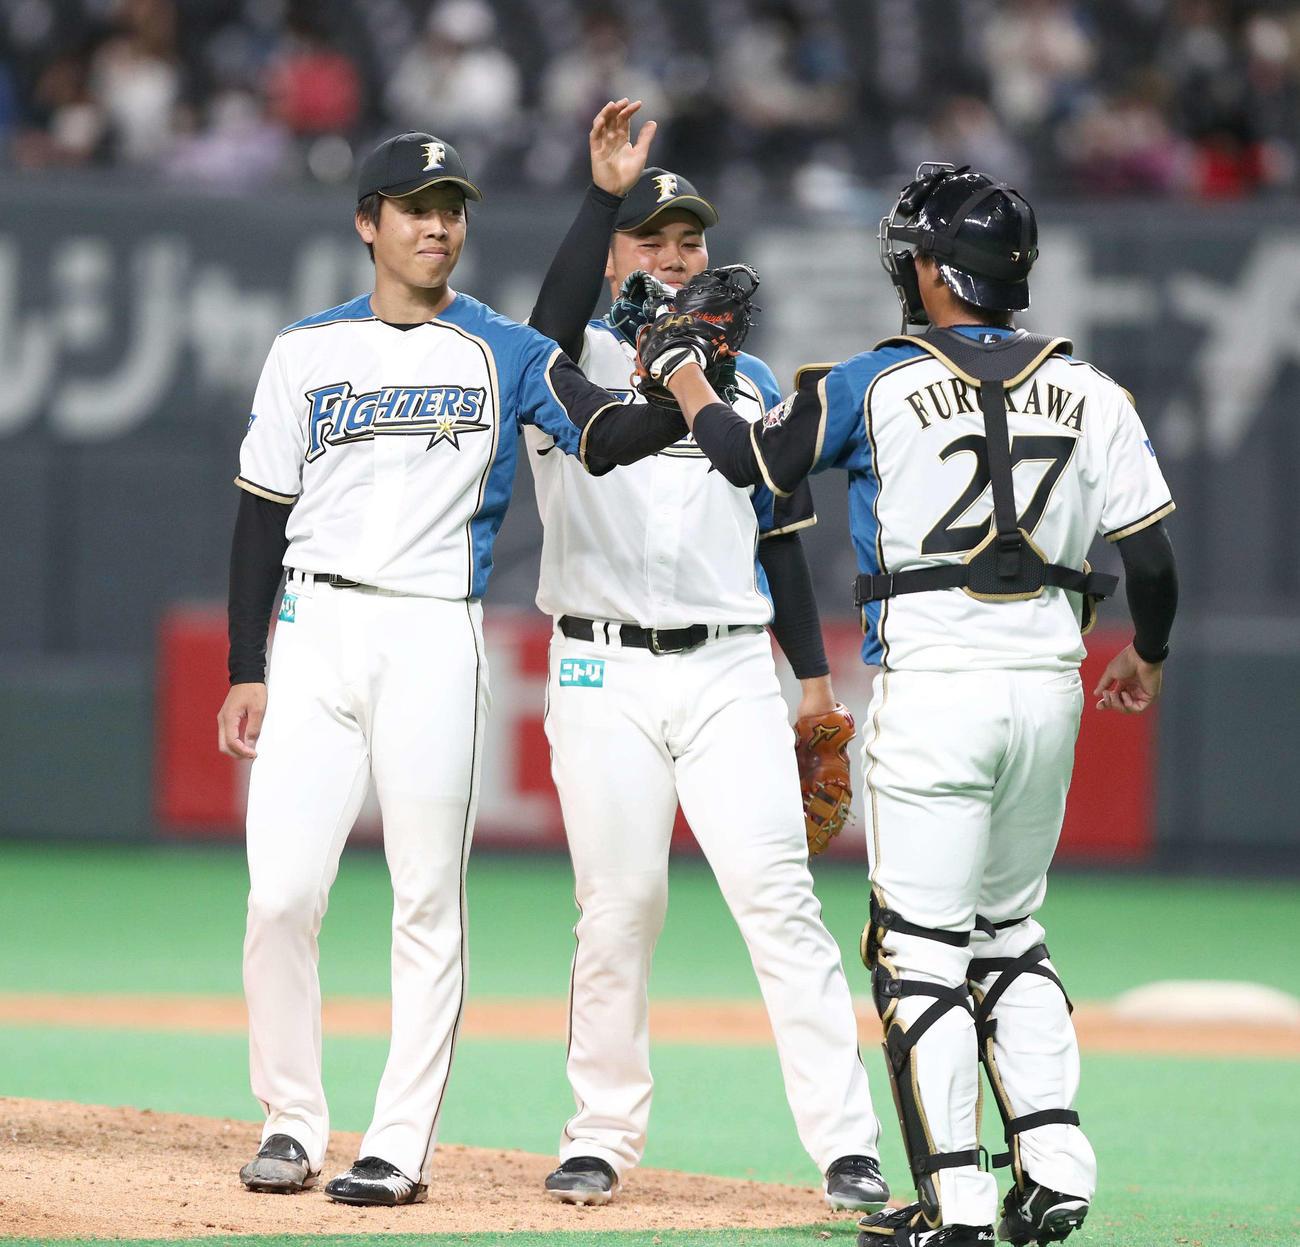 日本ハム対西武 試合後、古川(右)とタッチする杉浦(左)(撮影・黒川智章)